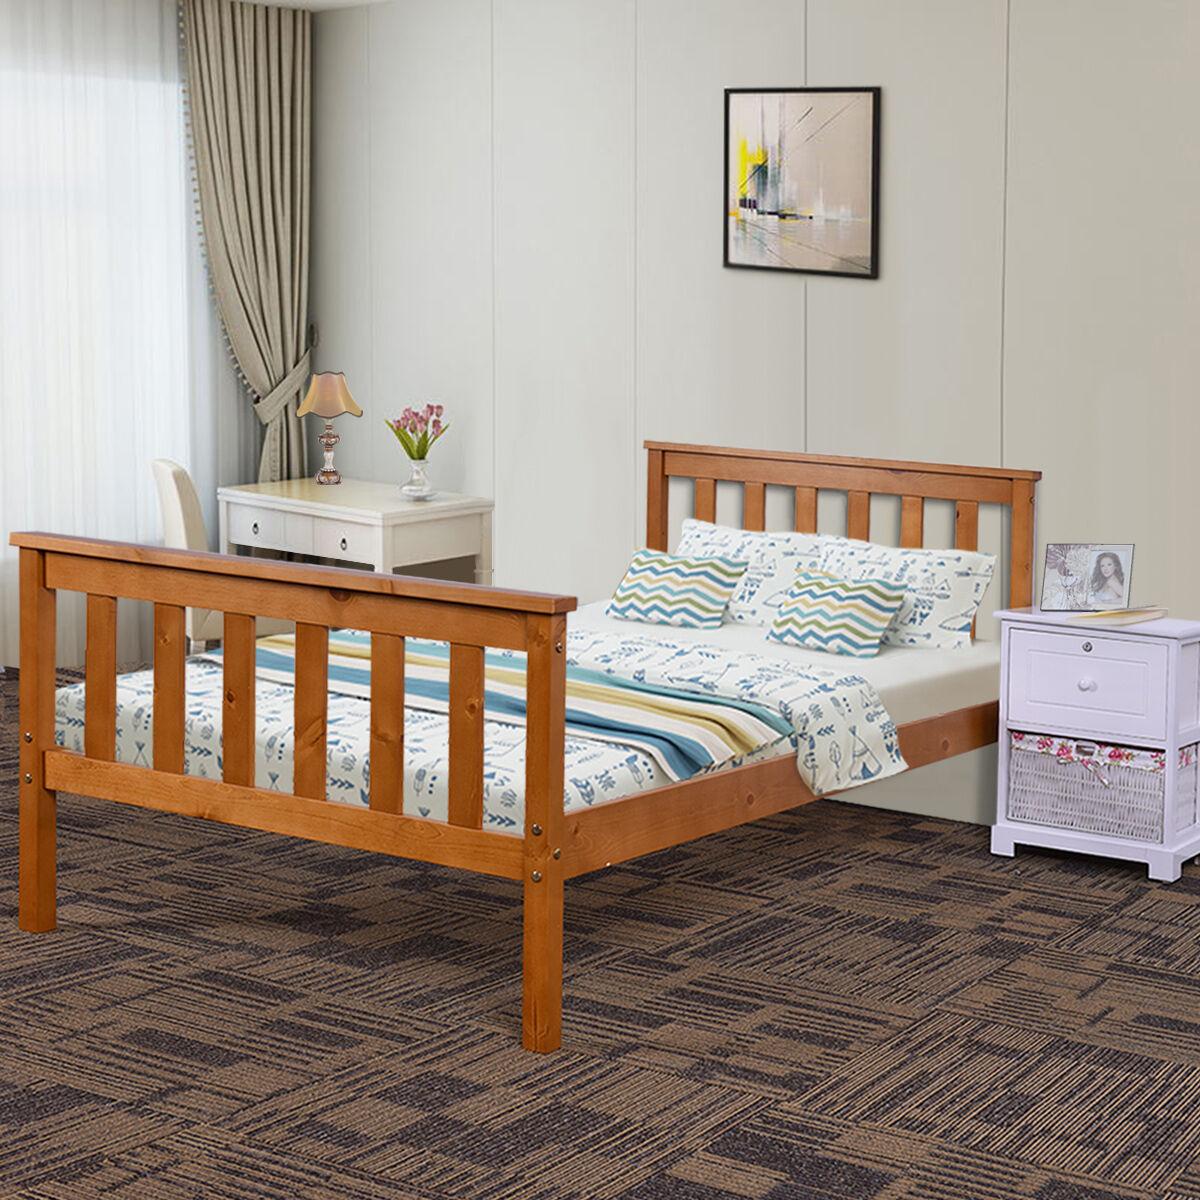 holzbetten aus massivholz mehr als 200 angebote fotos. Black Bedroom Furniture Sets. Home Design Ideas